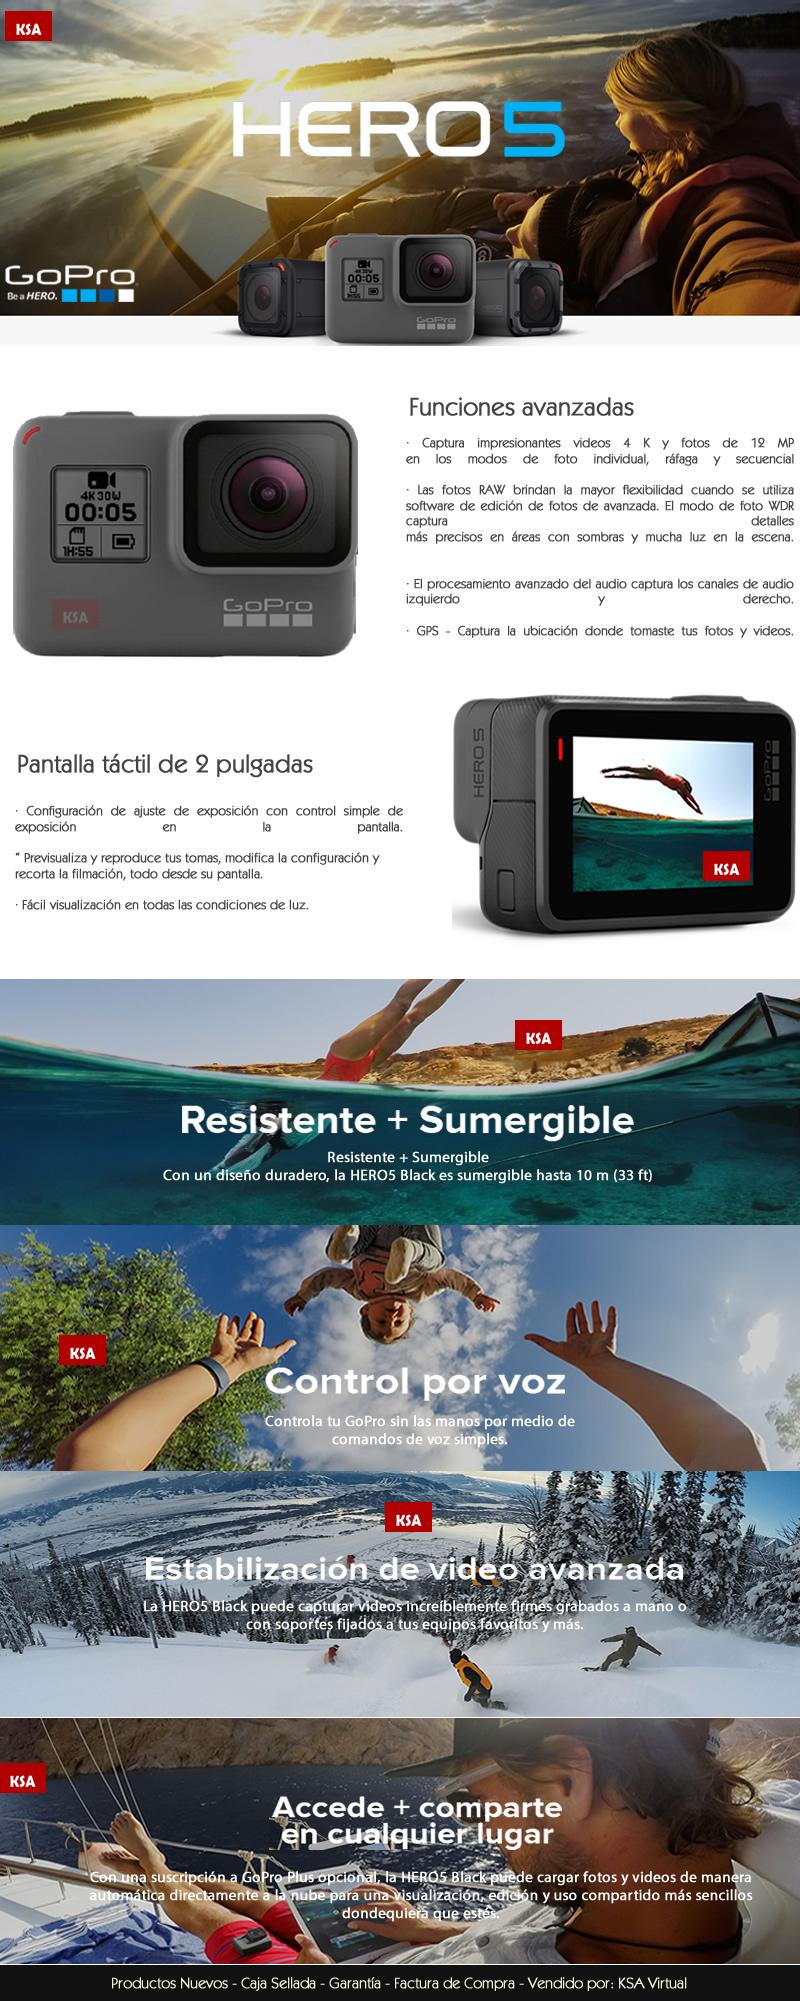 GoPro Hero 5 Black - KSA 0.jpg